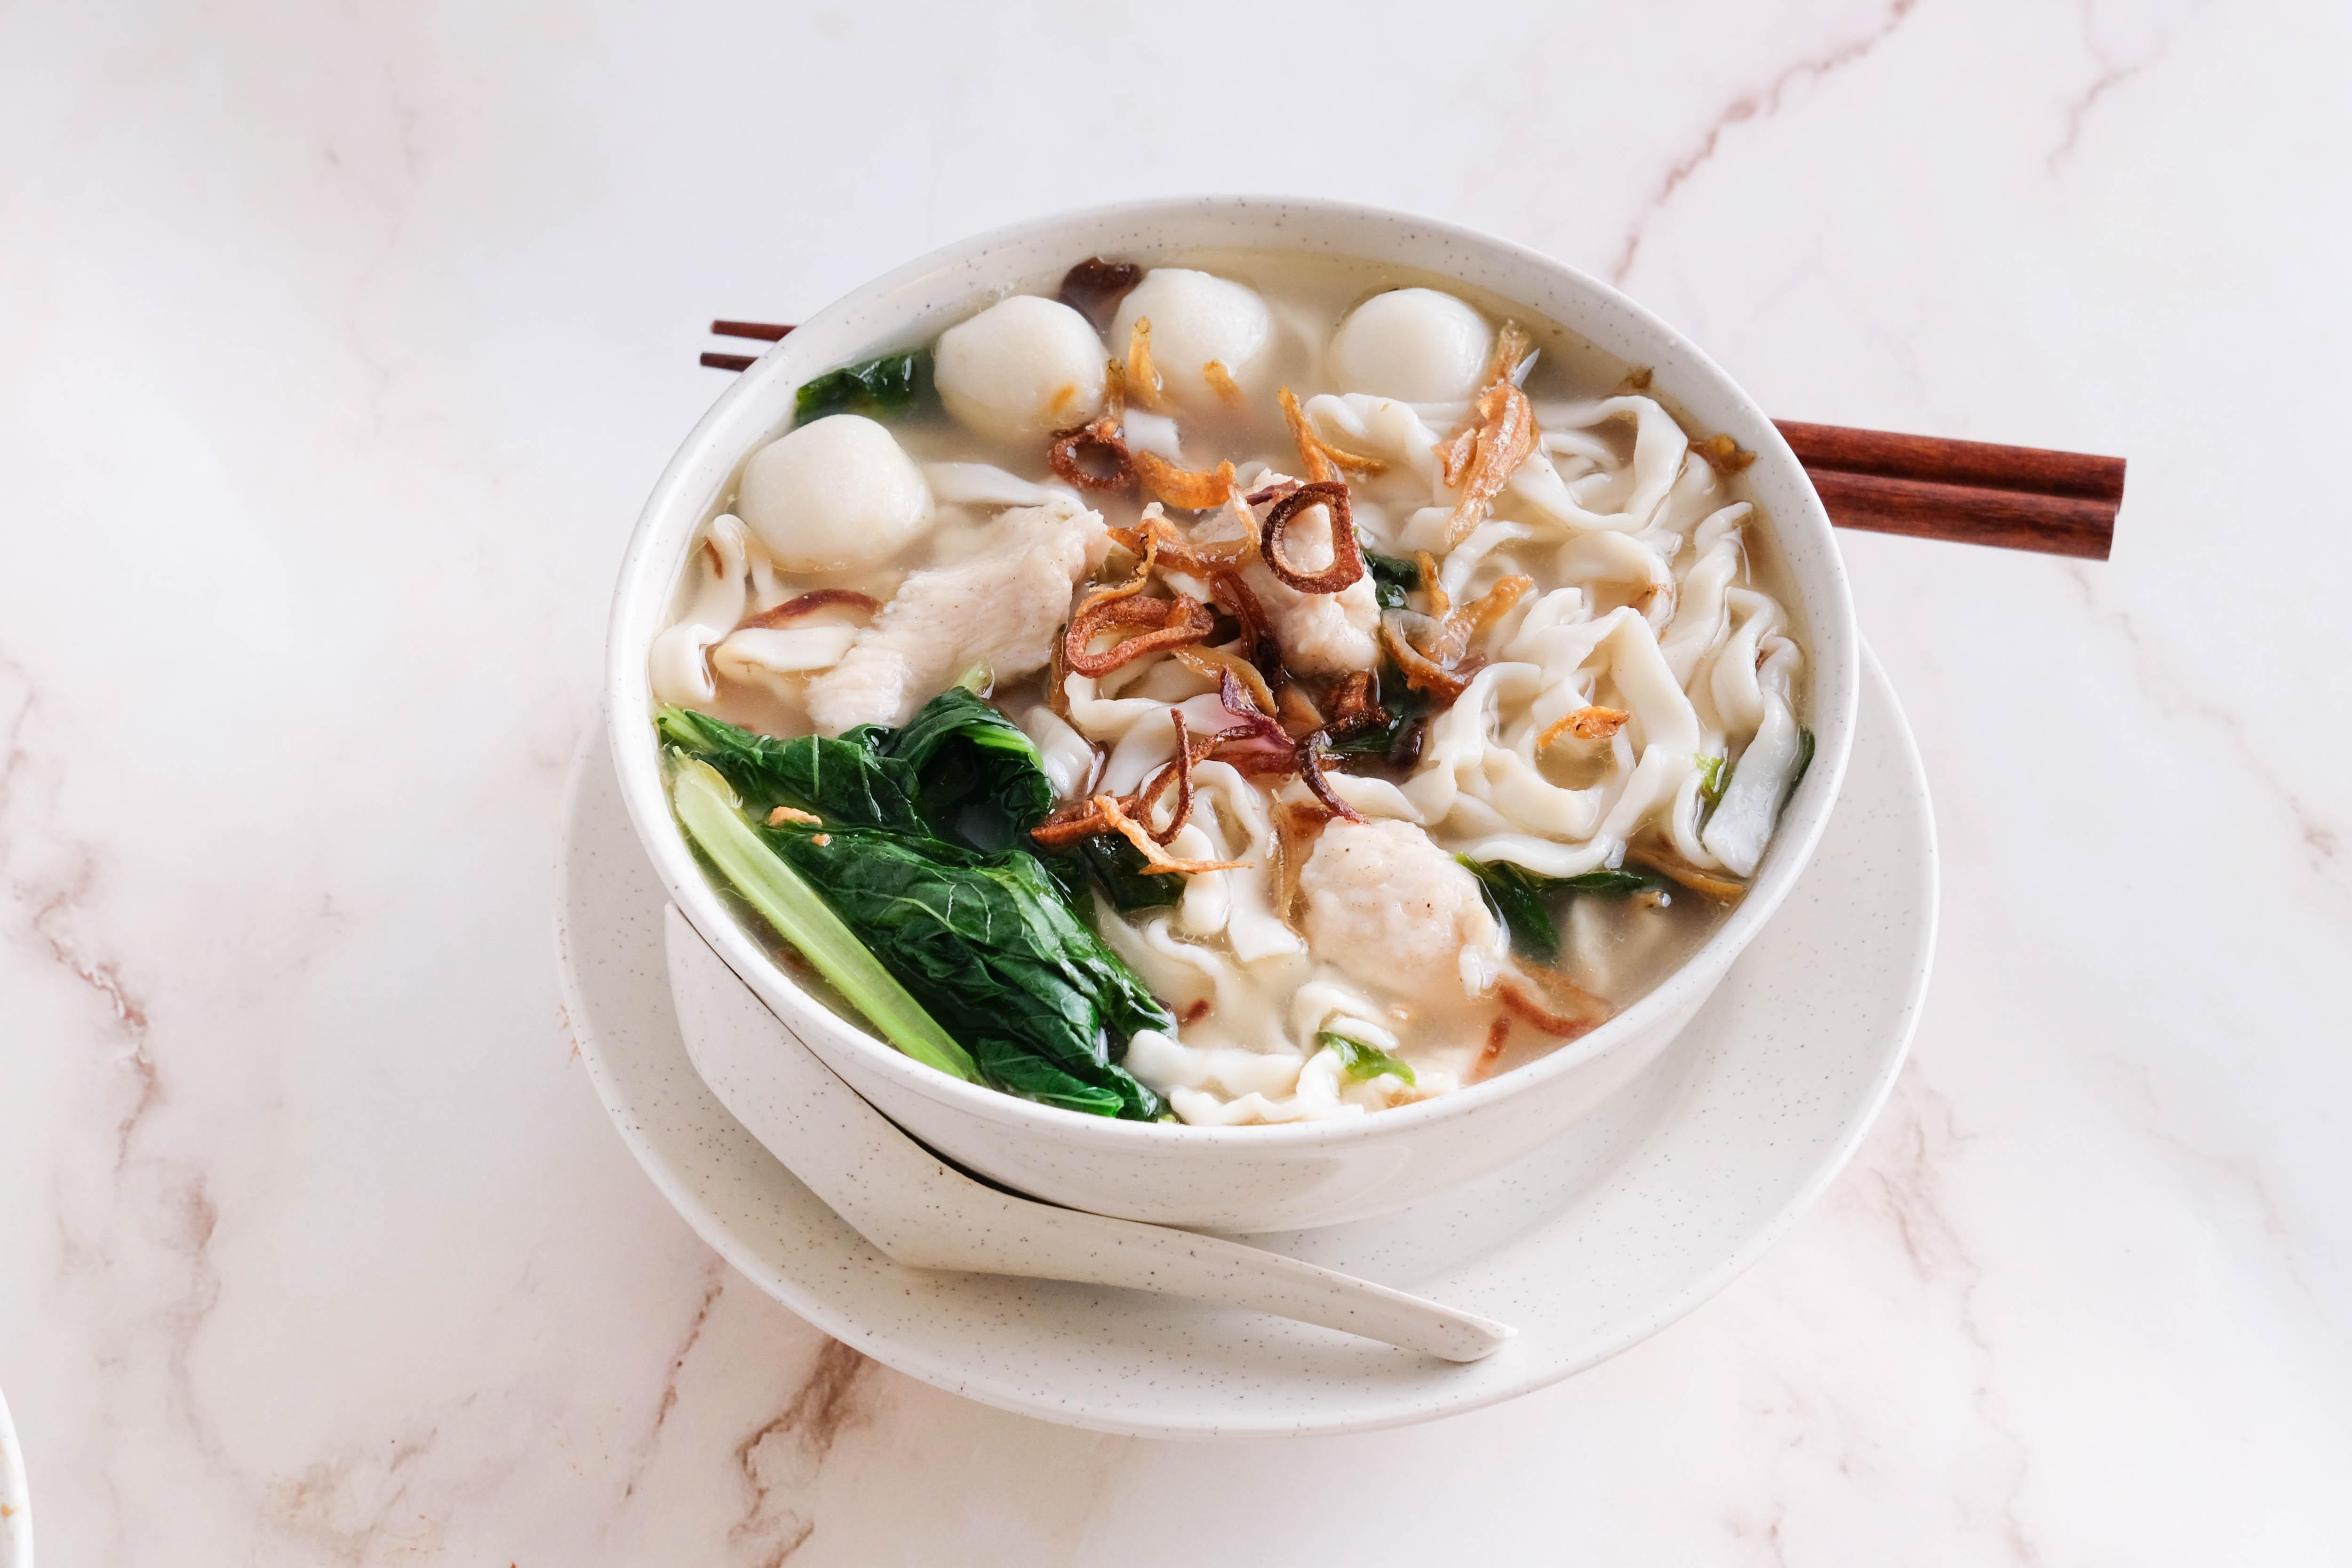 840x560-Soup-Pan-Mee1